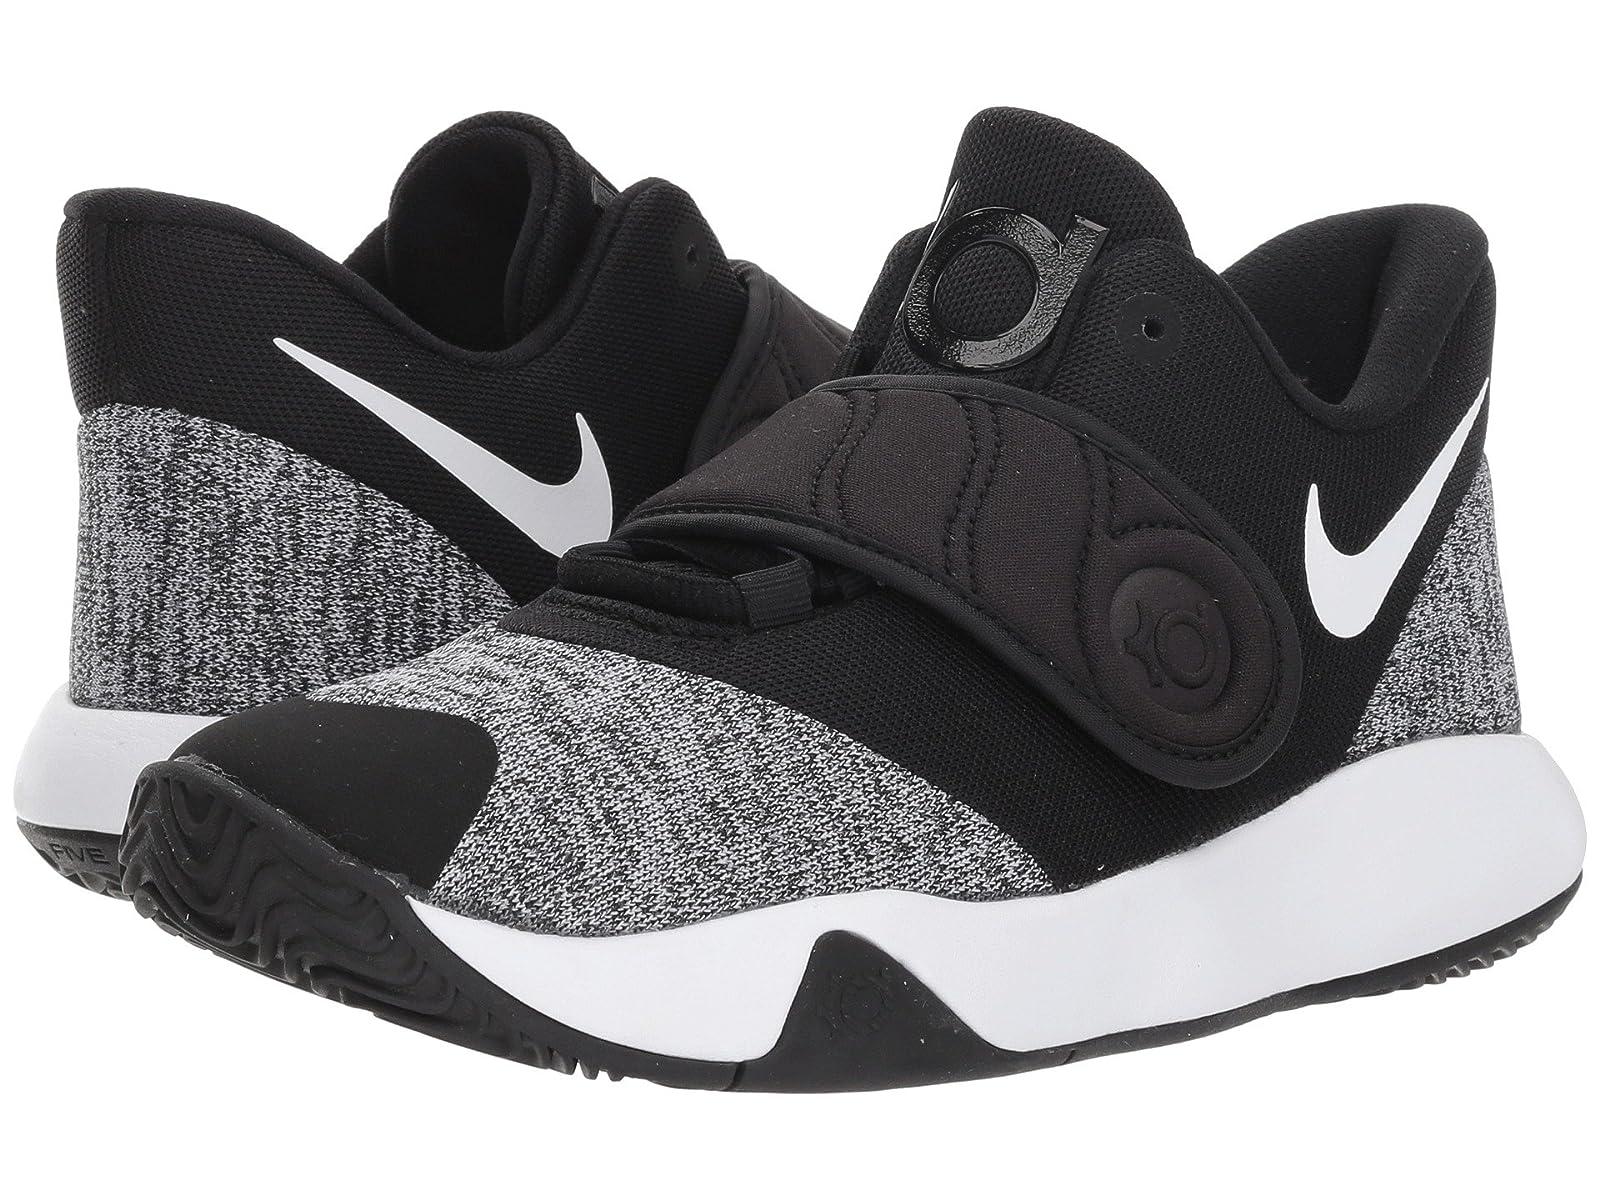 Nike Kids KD Trey 5 VI (Big Kid)Atmospheric grades have affordable shoes